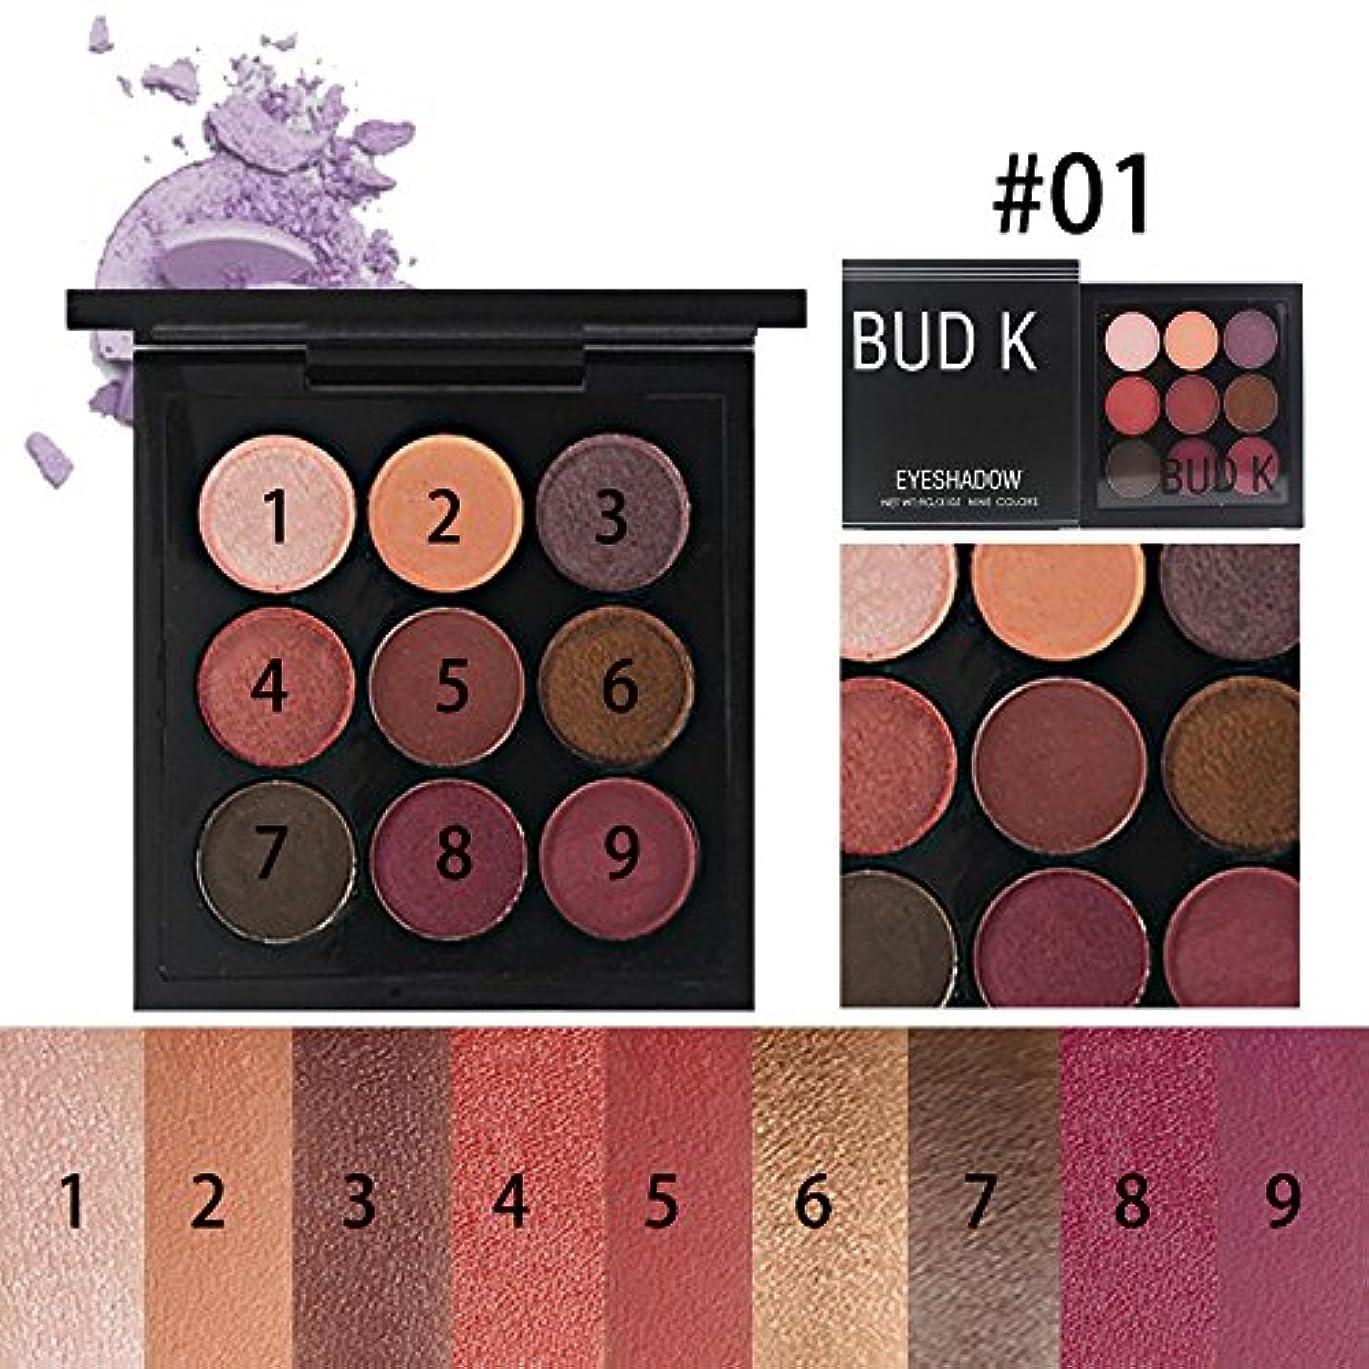 毎月とんでもない我慢するAkane アイシャドウパレット BUD K 人気 ファッション 高級 マット 綺麗 欧米風 つや消し 日本人肌に合う 持ち便利 Eye Shadow (9色)